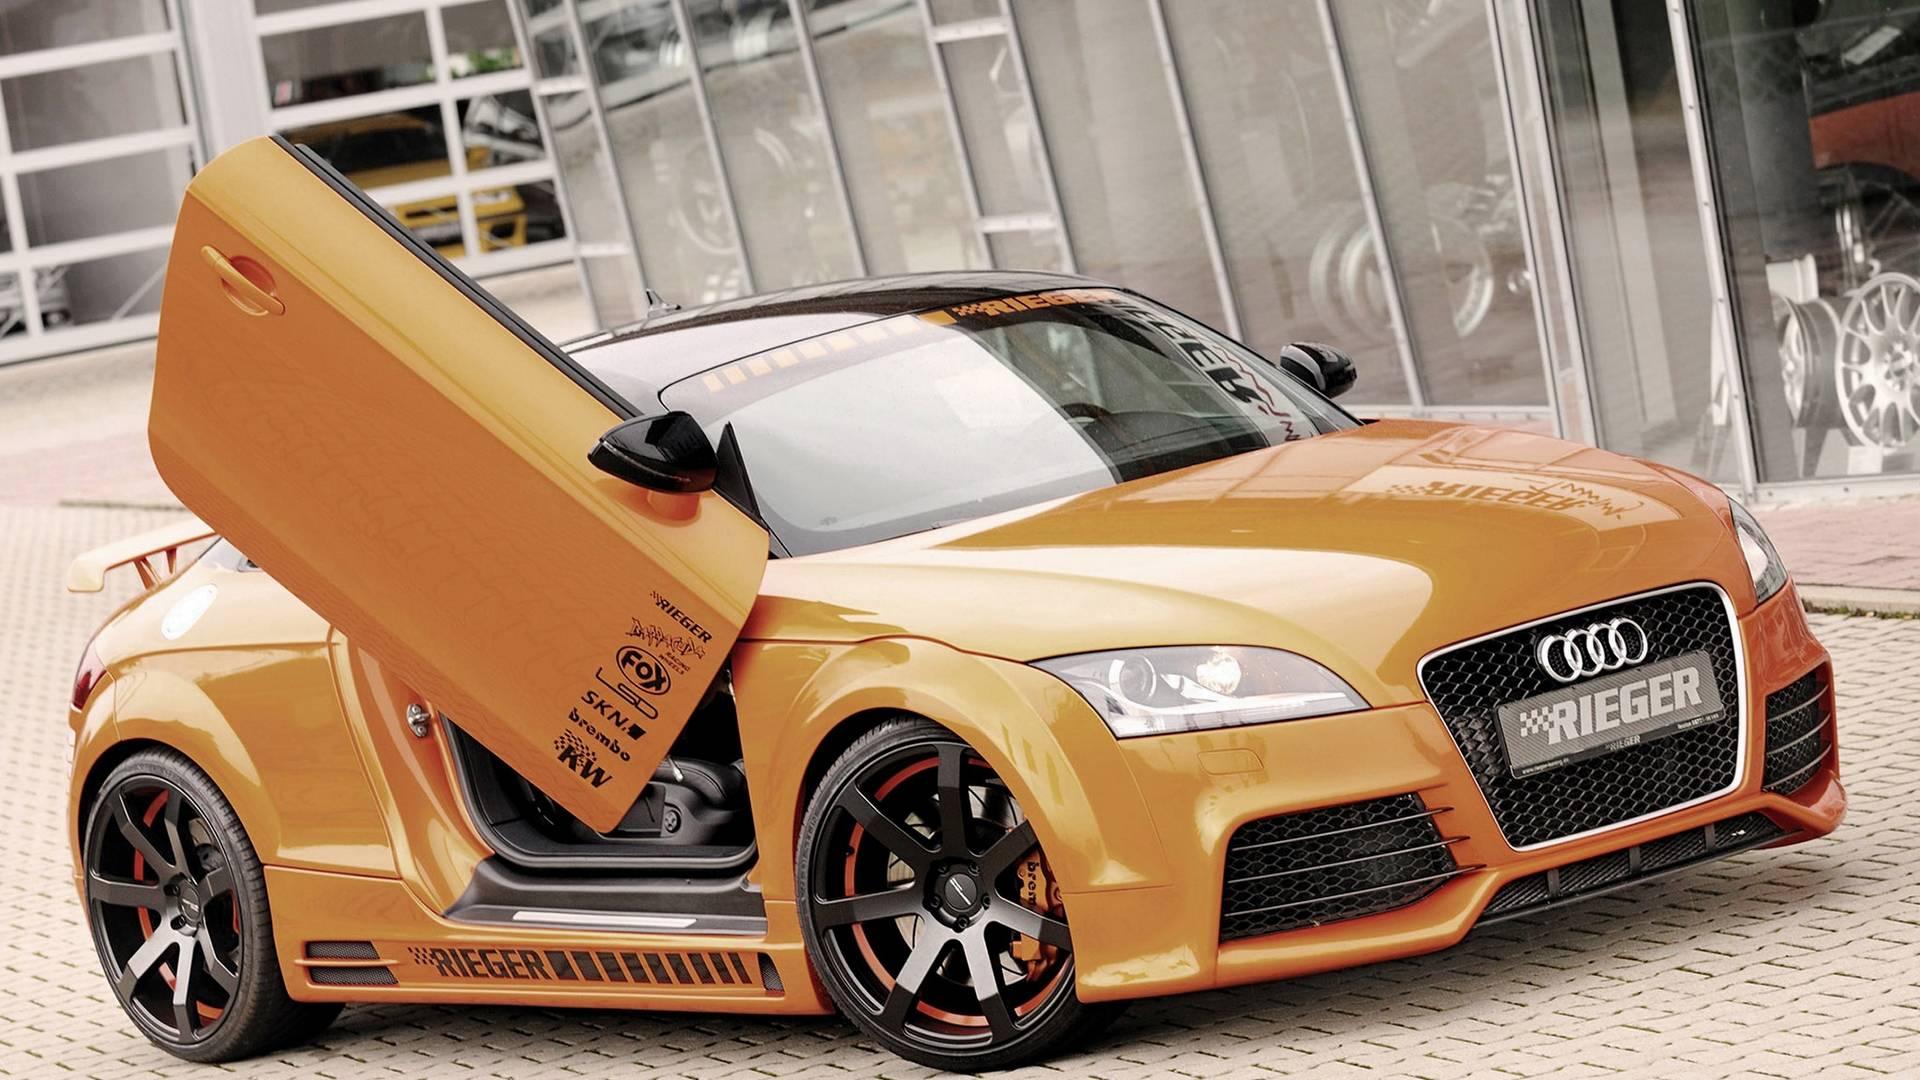 обои золотая Audi картинки фото